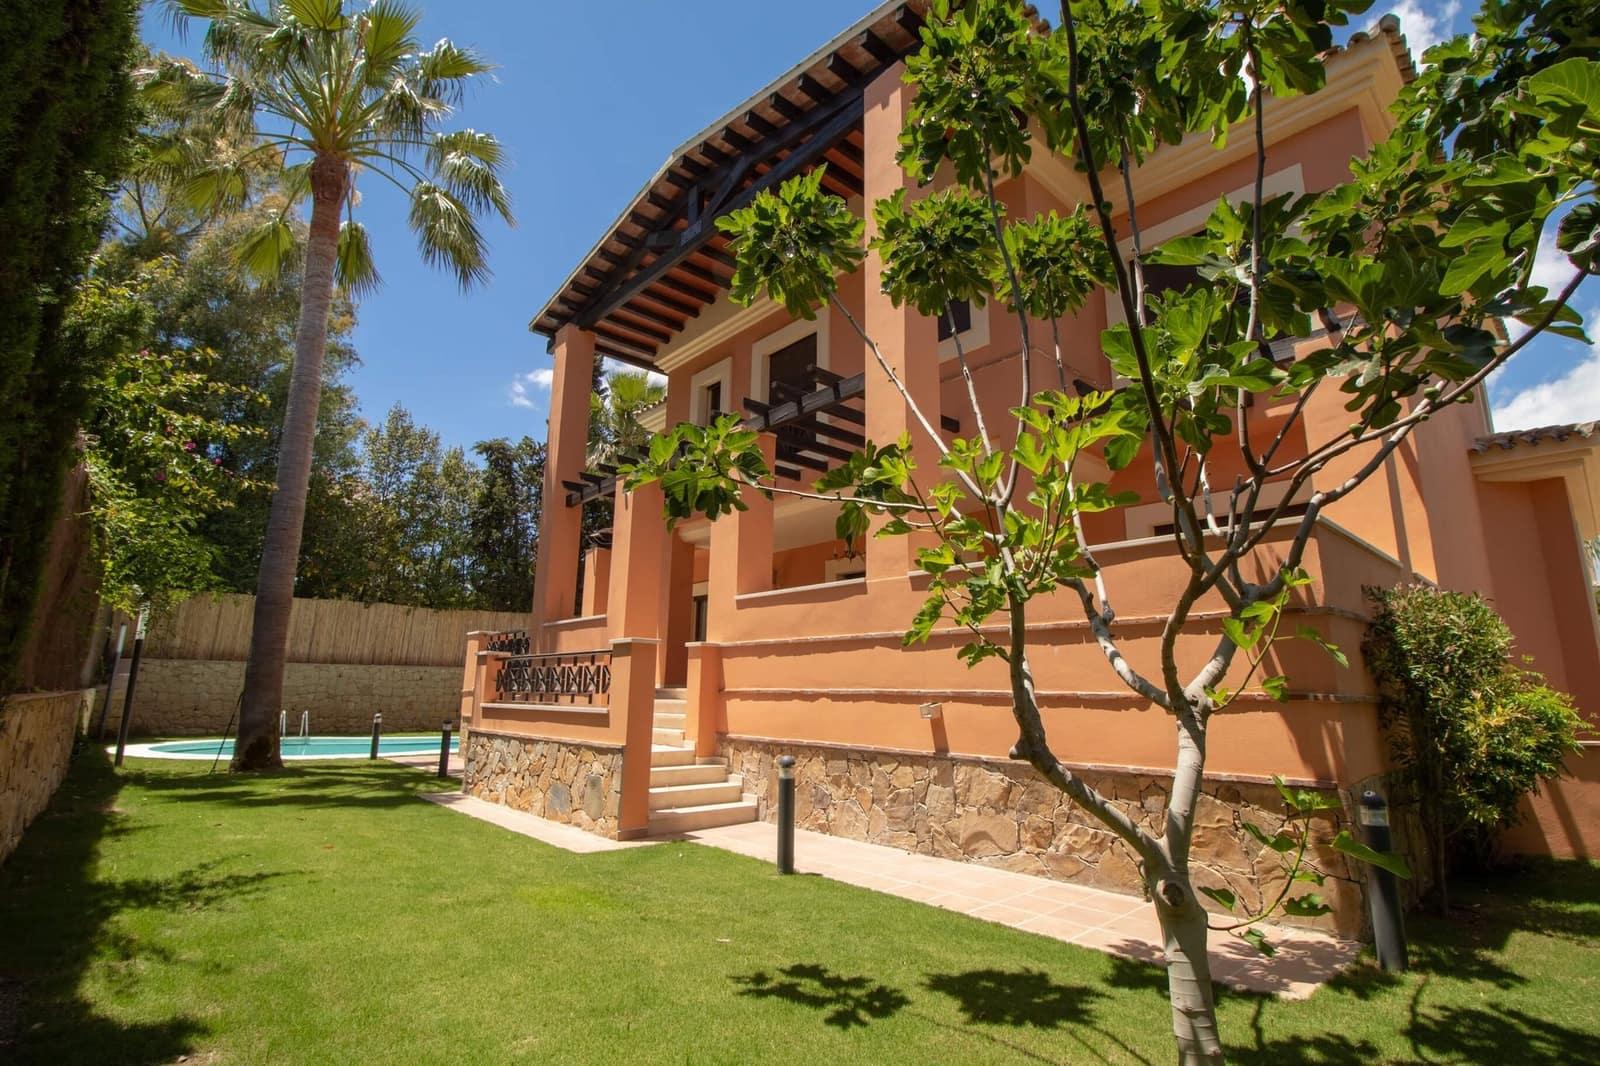 6 bedroom Villa for holiday rental in Los Monteros with pool garage - € 6,500 (Ref: 3952802)